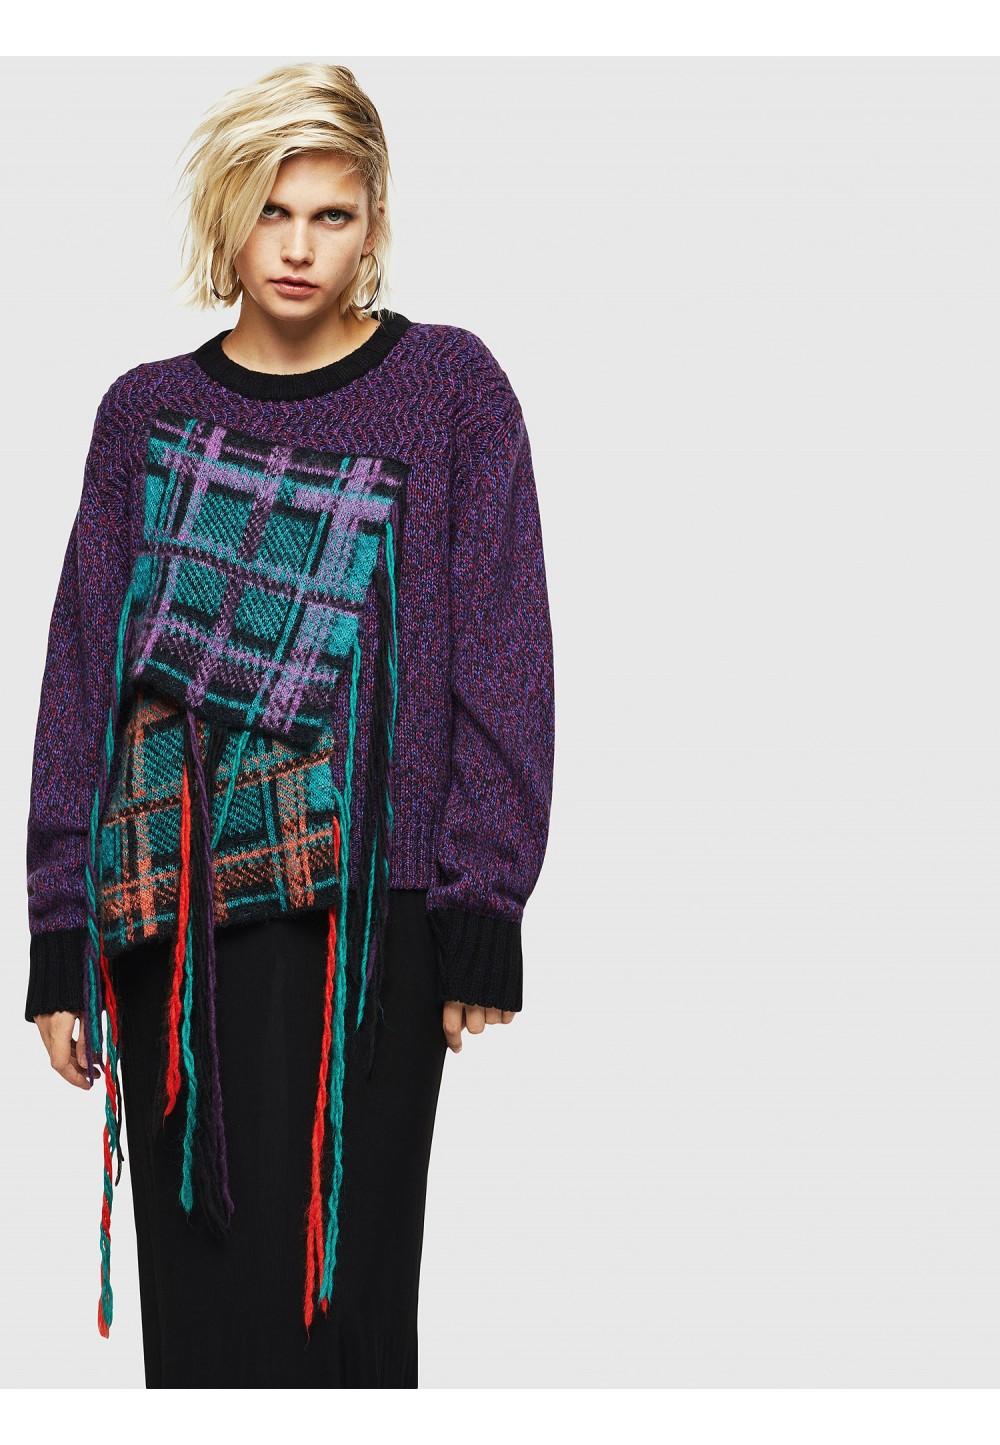 Пуловер с бахромой в клеточку